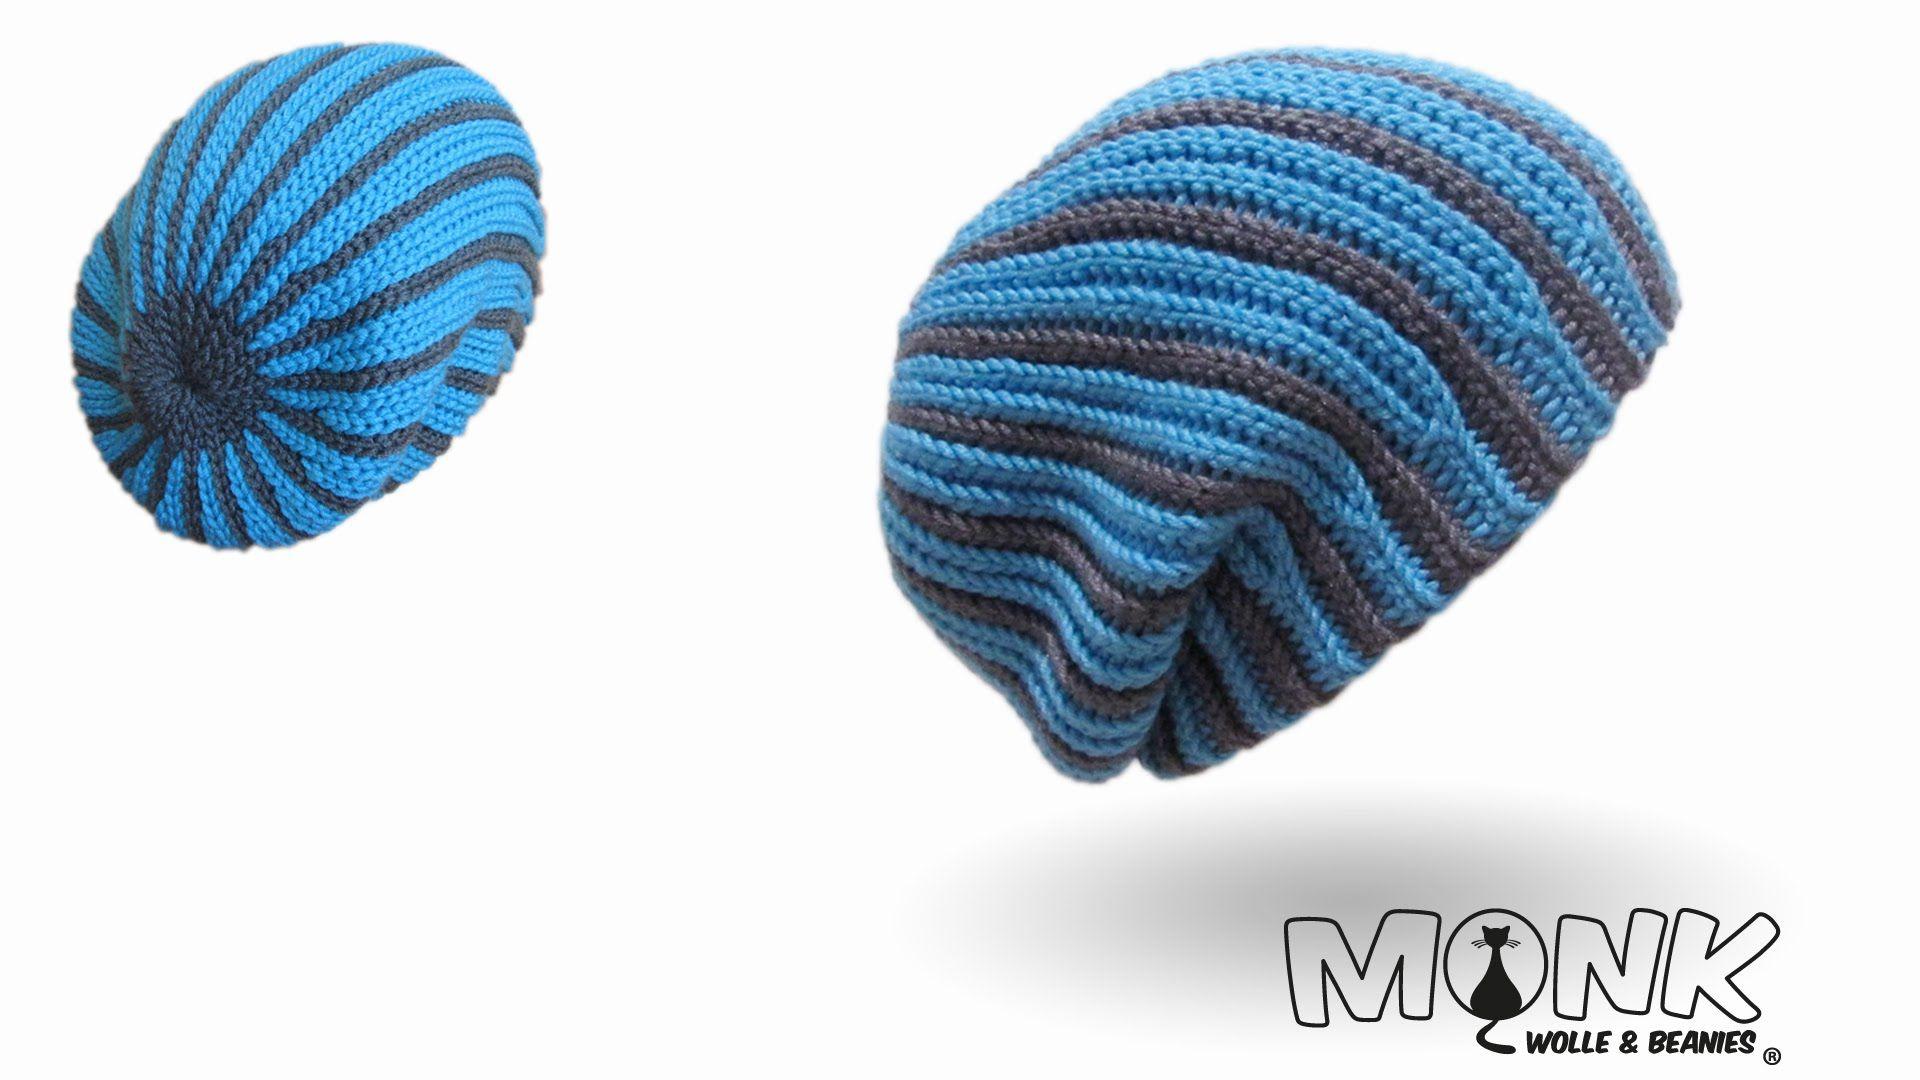 Luxury Häkeln Slouch Beanie Muster Image - Decke Stricken Muster ...